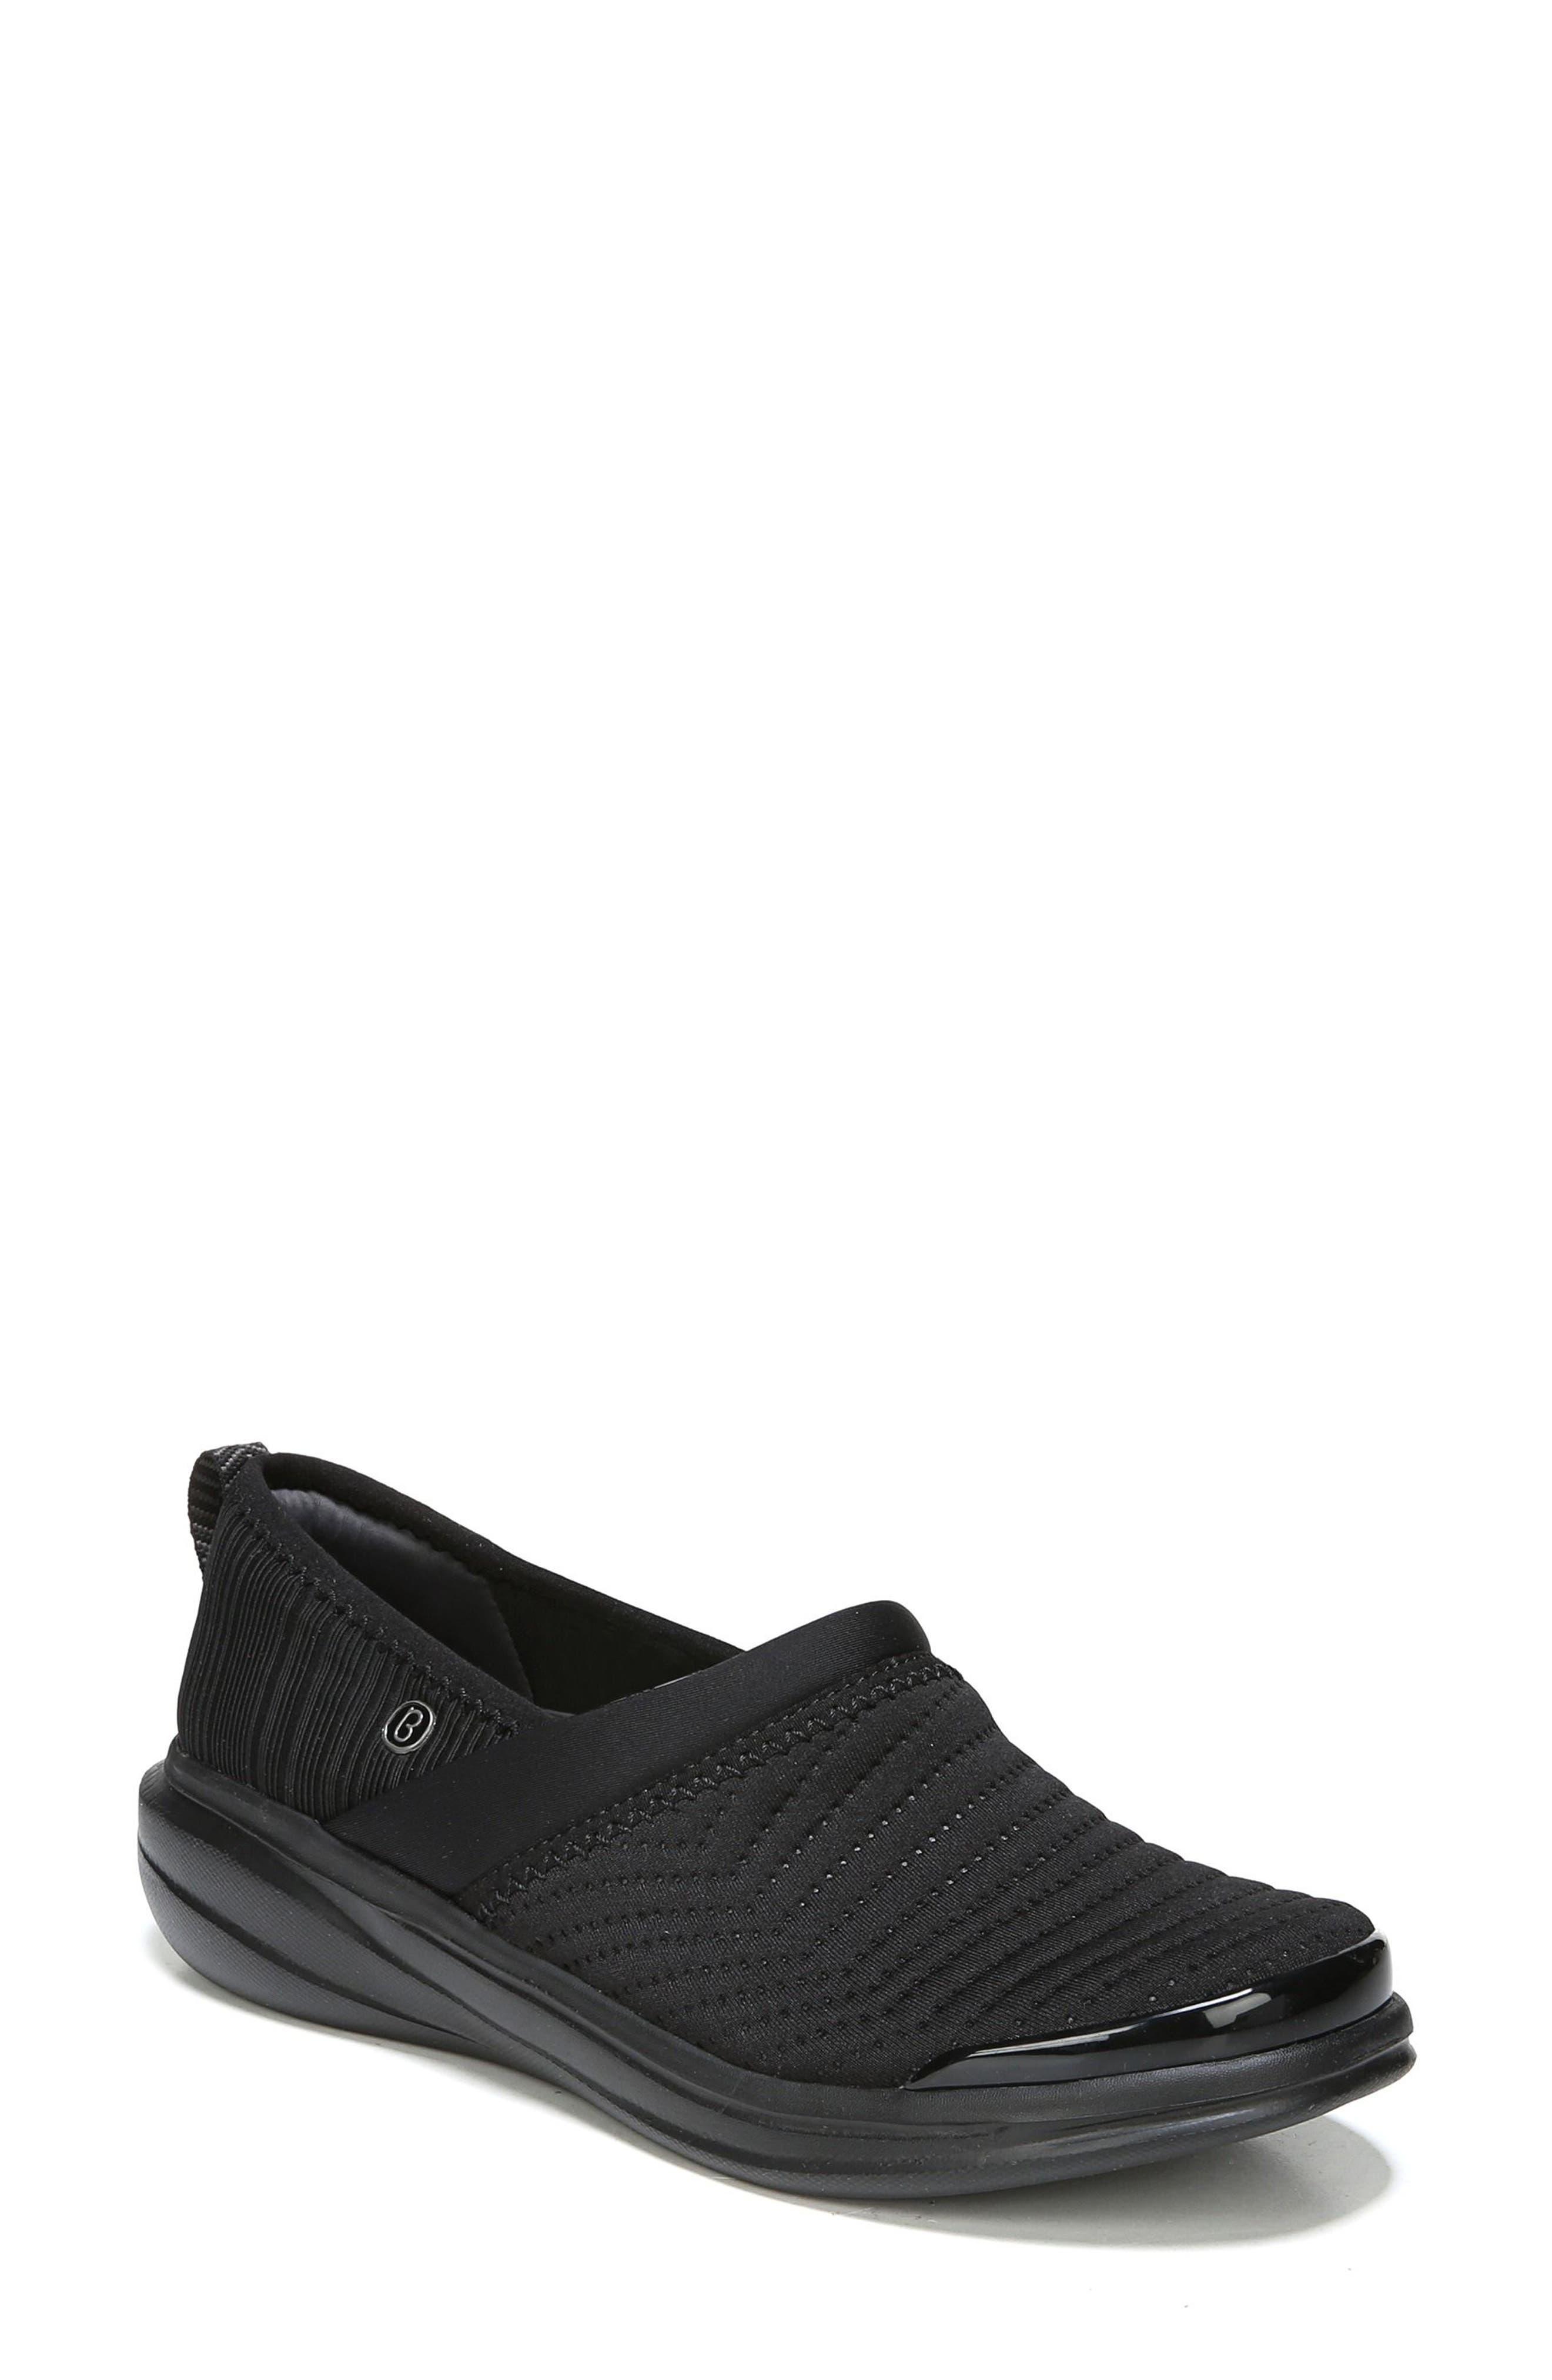 Coco Slip-On Sneaker,                         Main,                         color, BLACK FABRIC